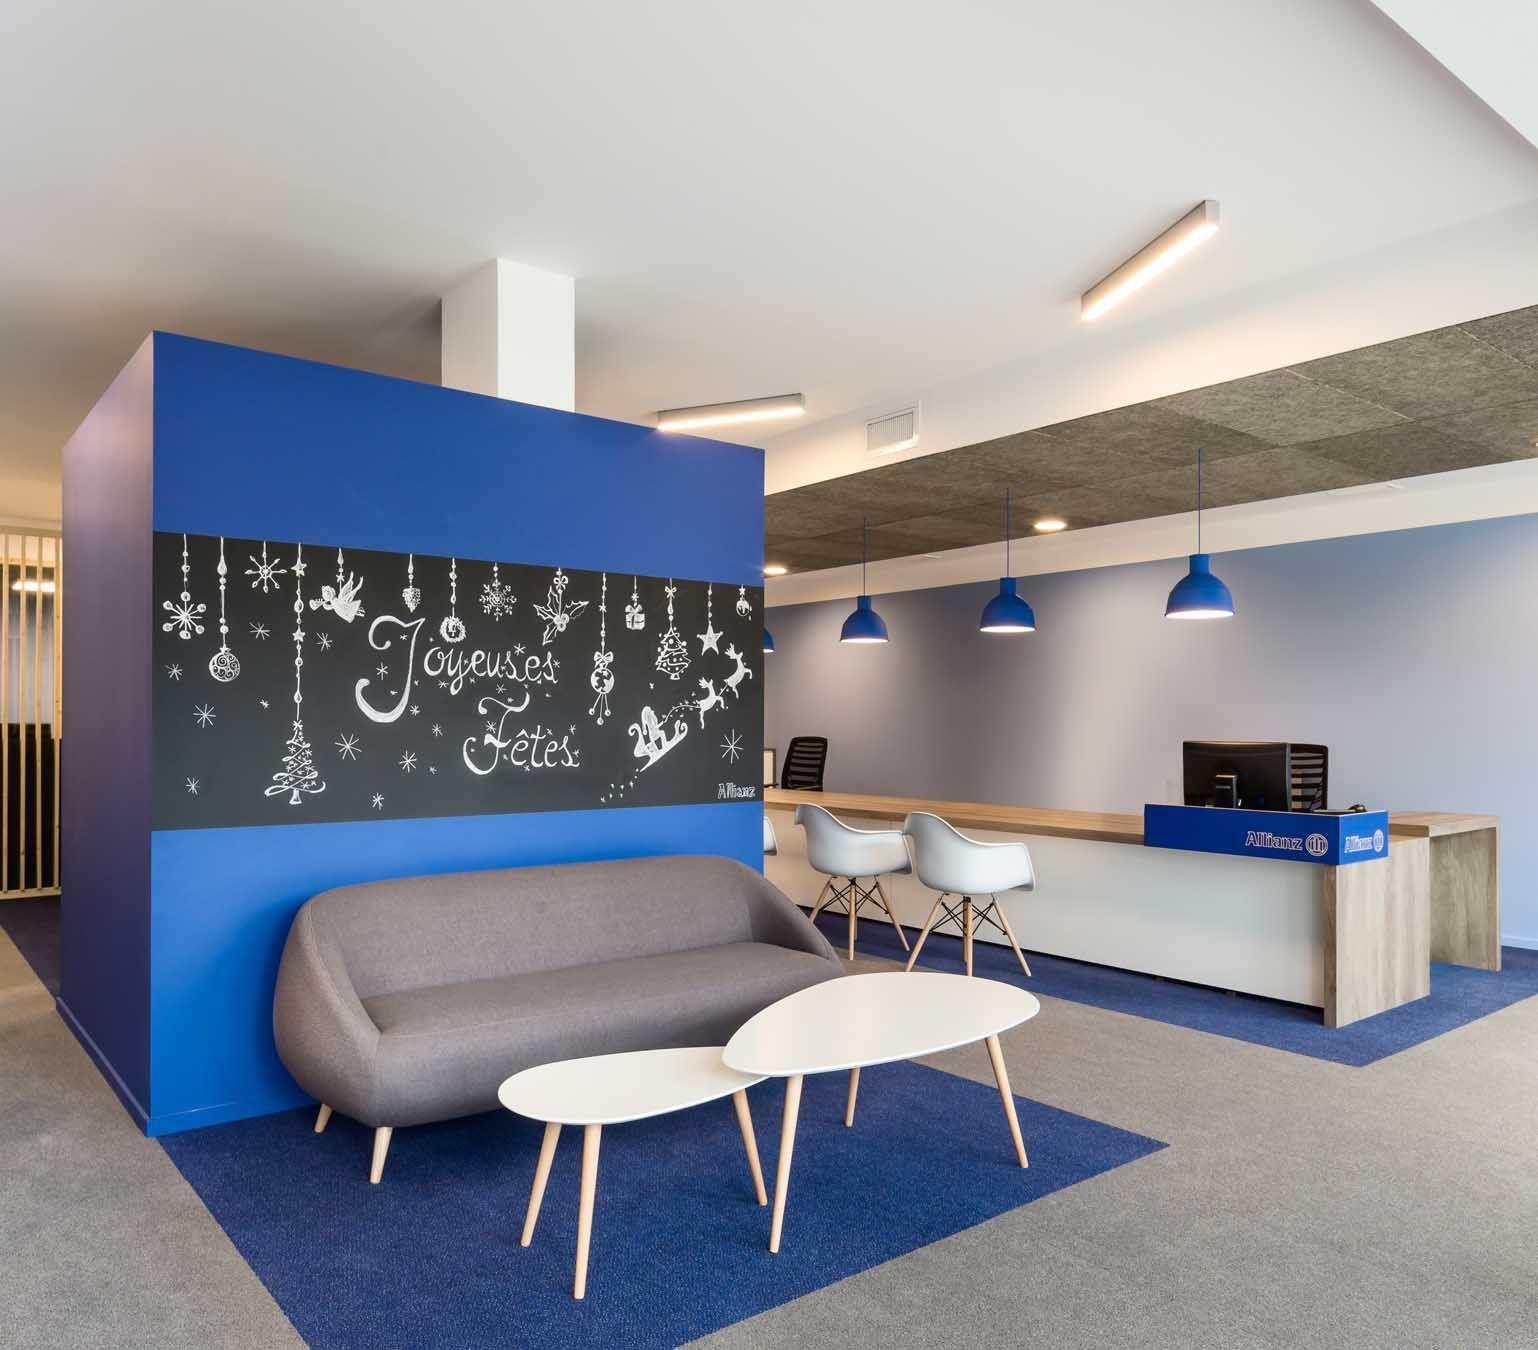 Lautrefabrique Architectes Cabinet Assurance Agence D Assurance Architecte Interieur Decoration Bureau